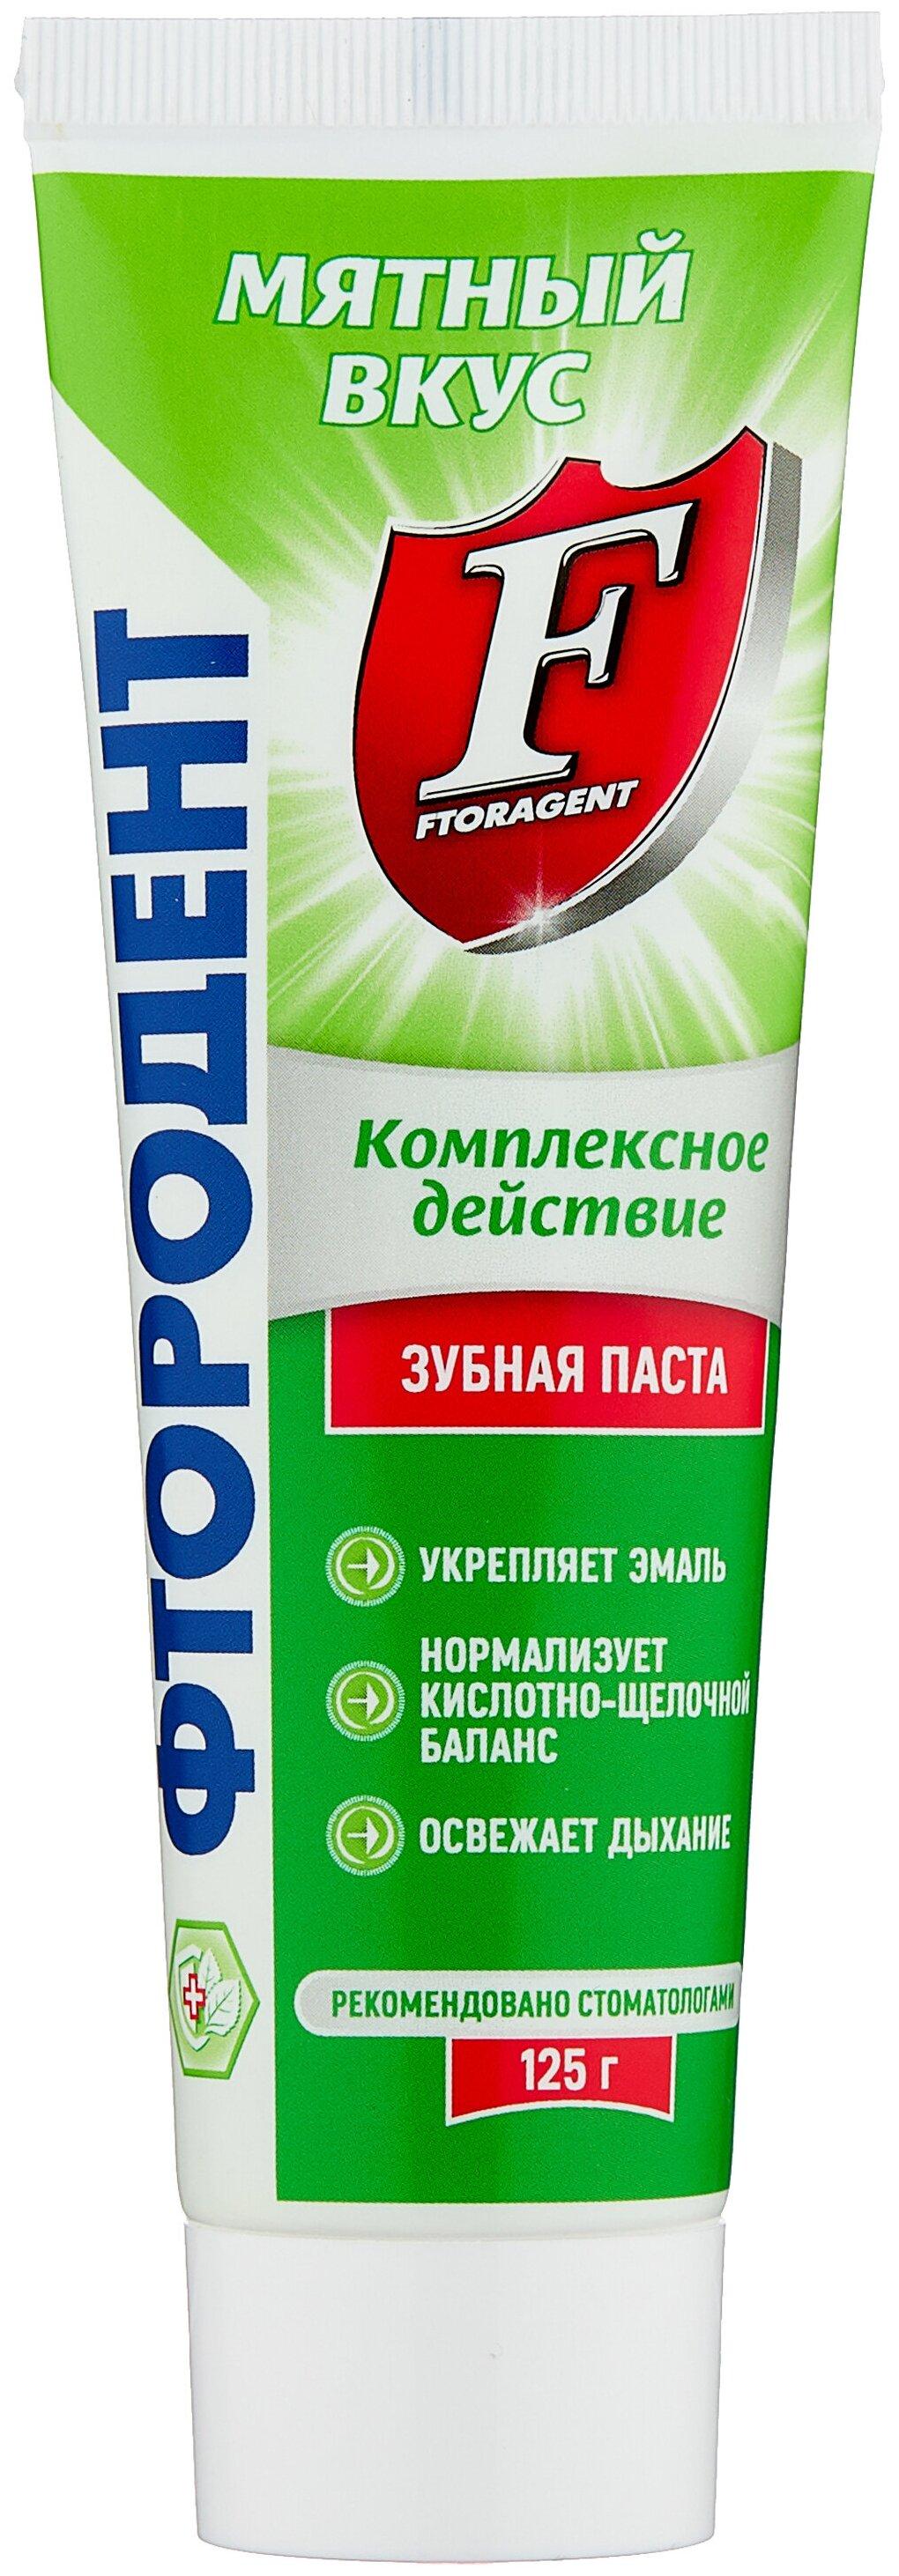 Стоит ли покупать Зубная паста Фтородент (Аванта) Мятная, 125 г - 5 отзывов на Яндекс.Маркете